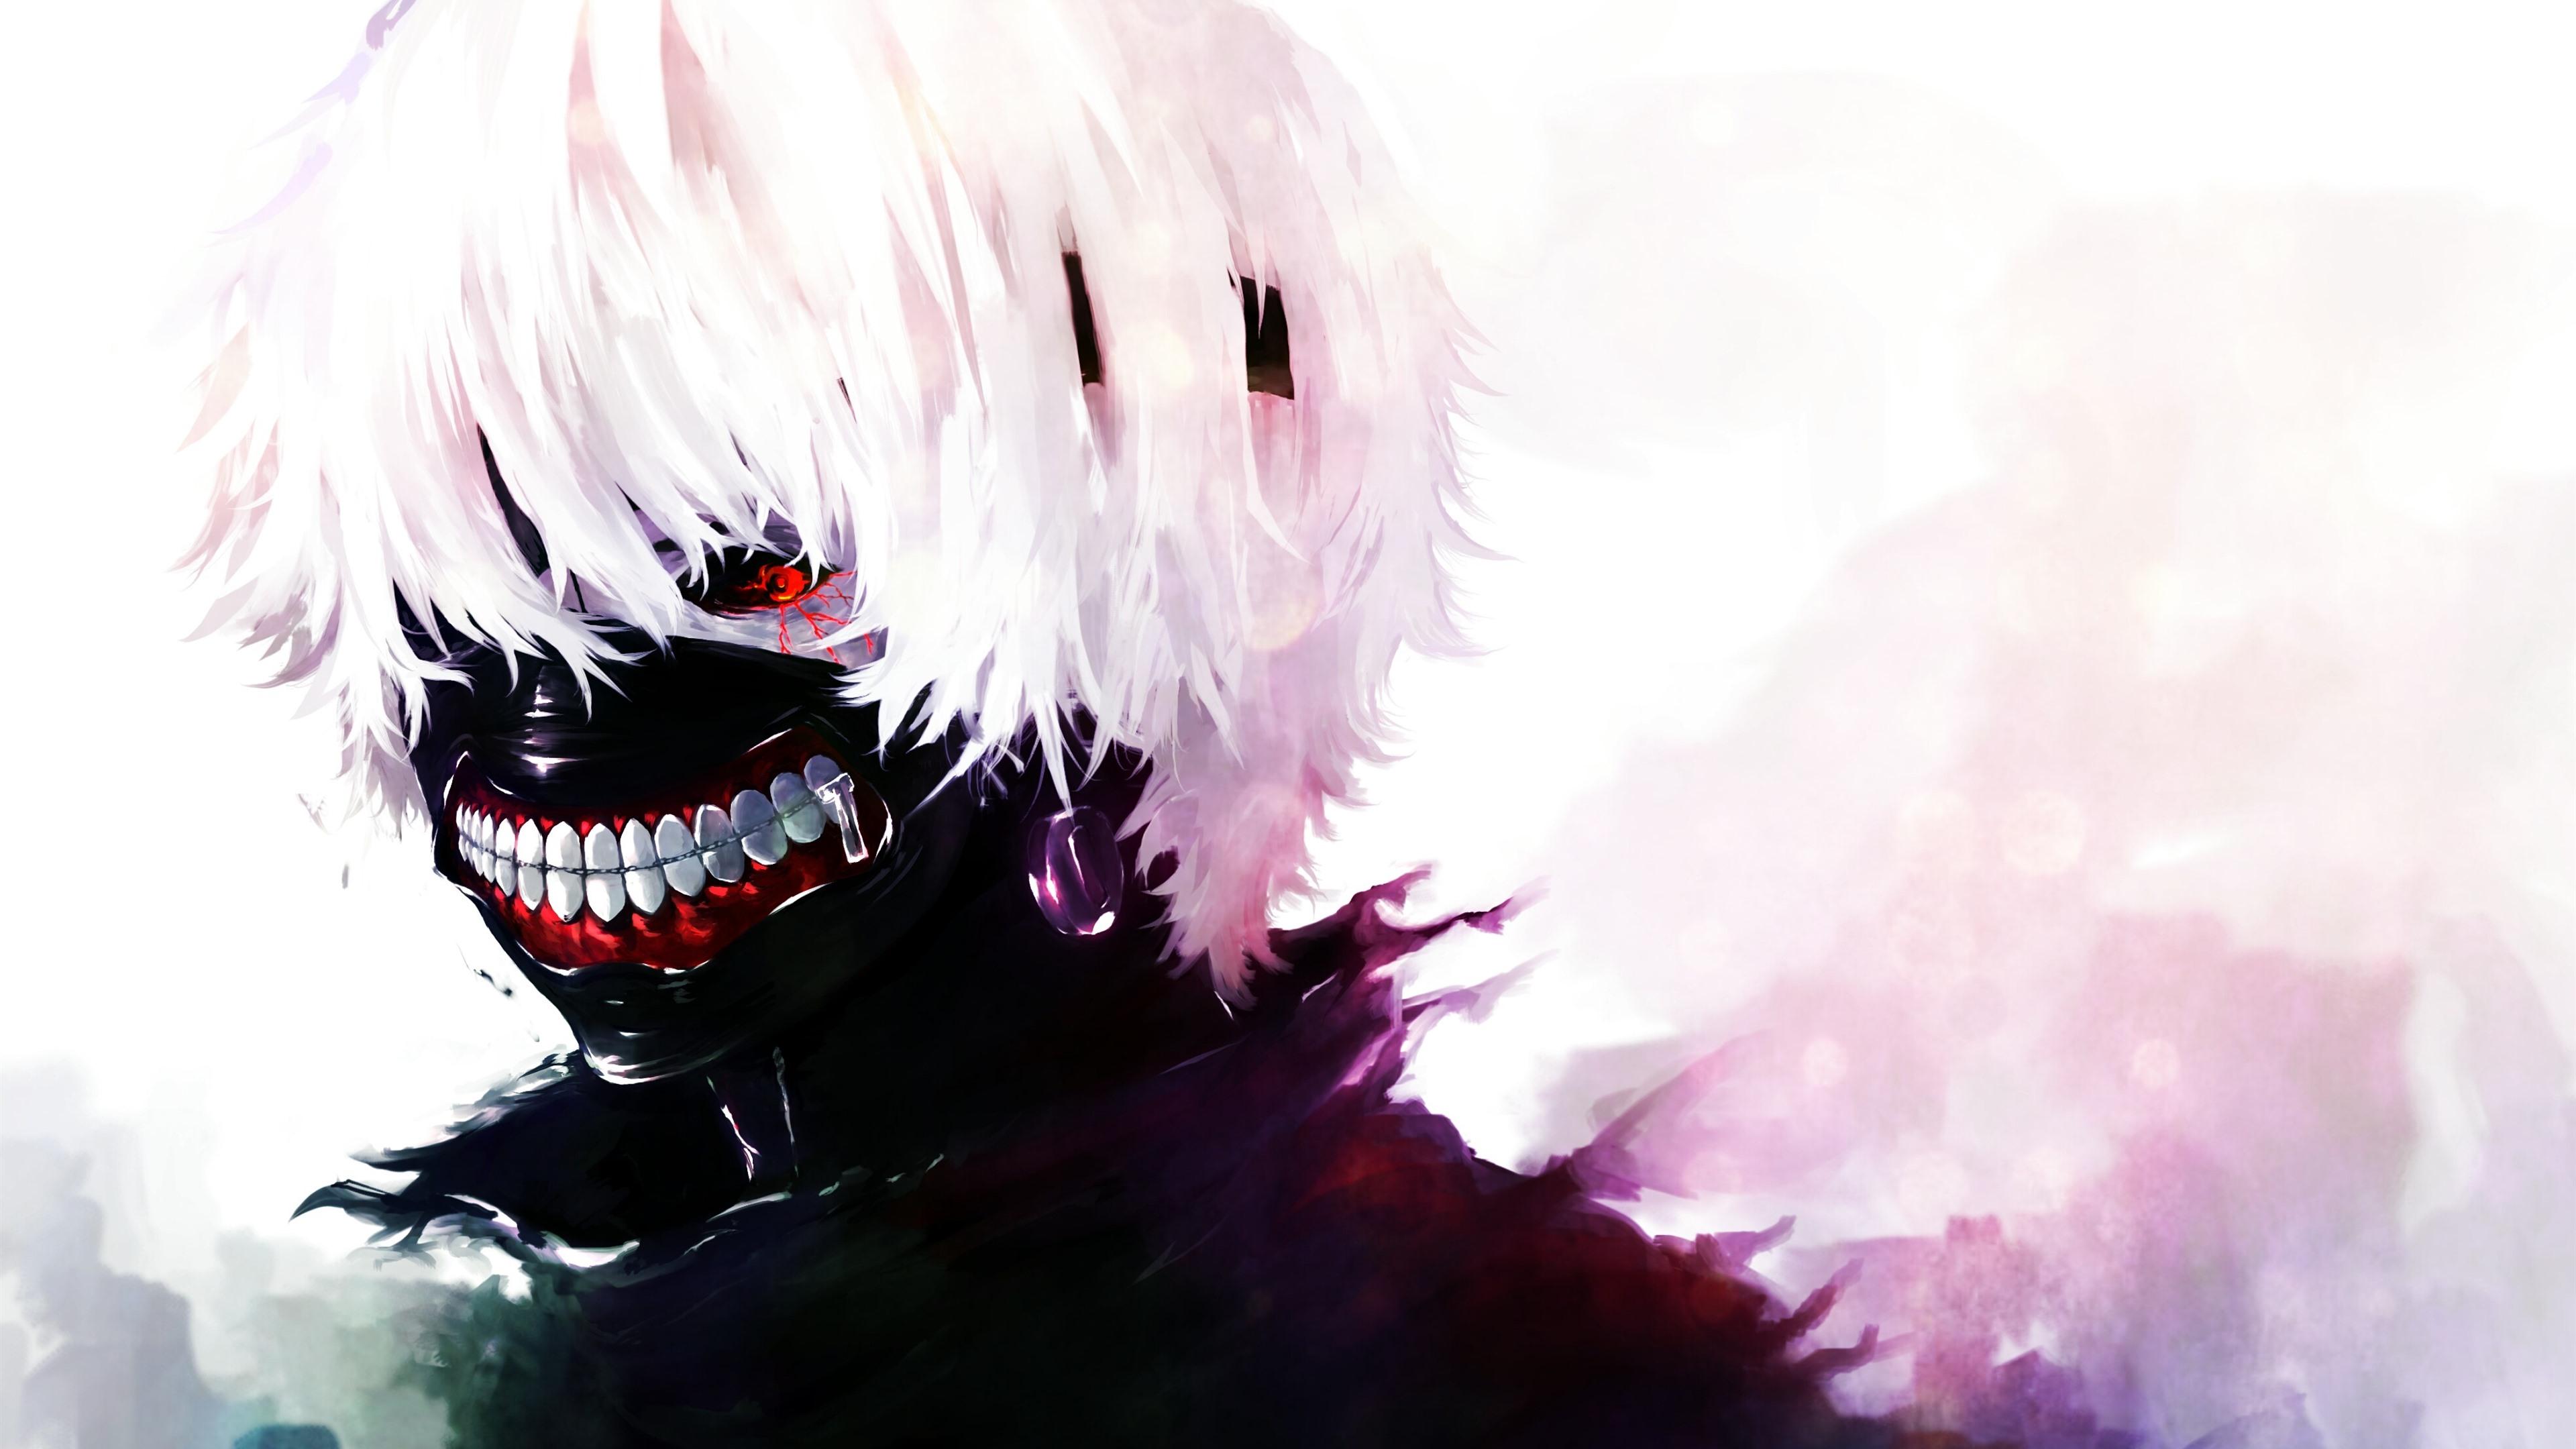 Fondos De Pantalla Tokyo Ghoul Anime Clásico 3840x2160 Uhd